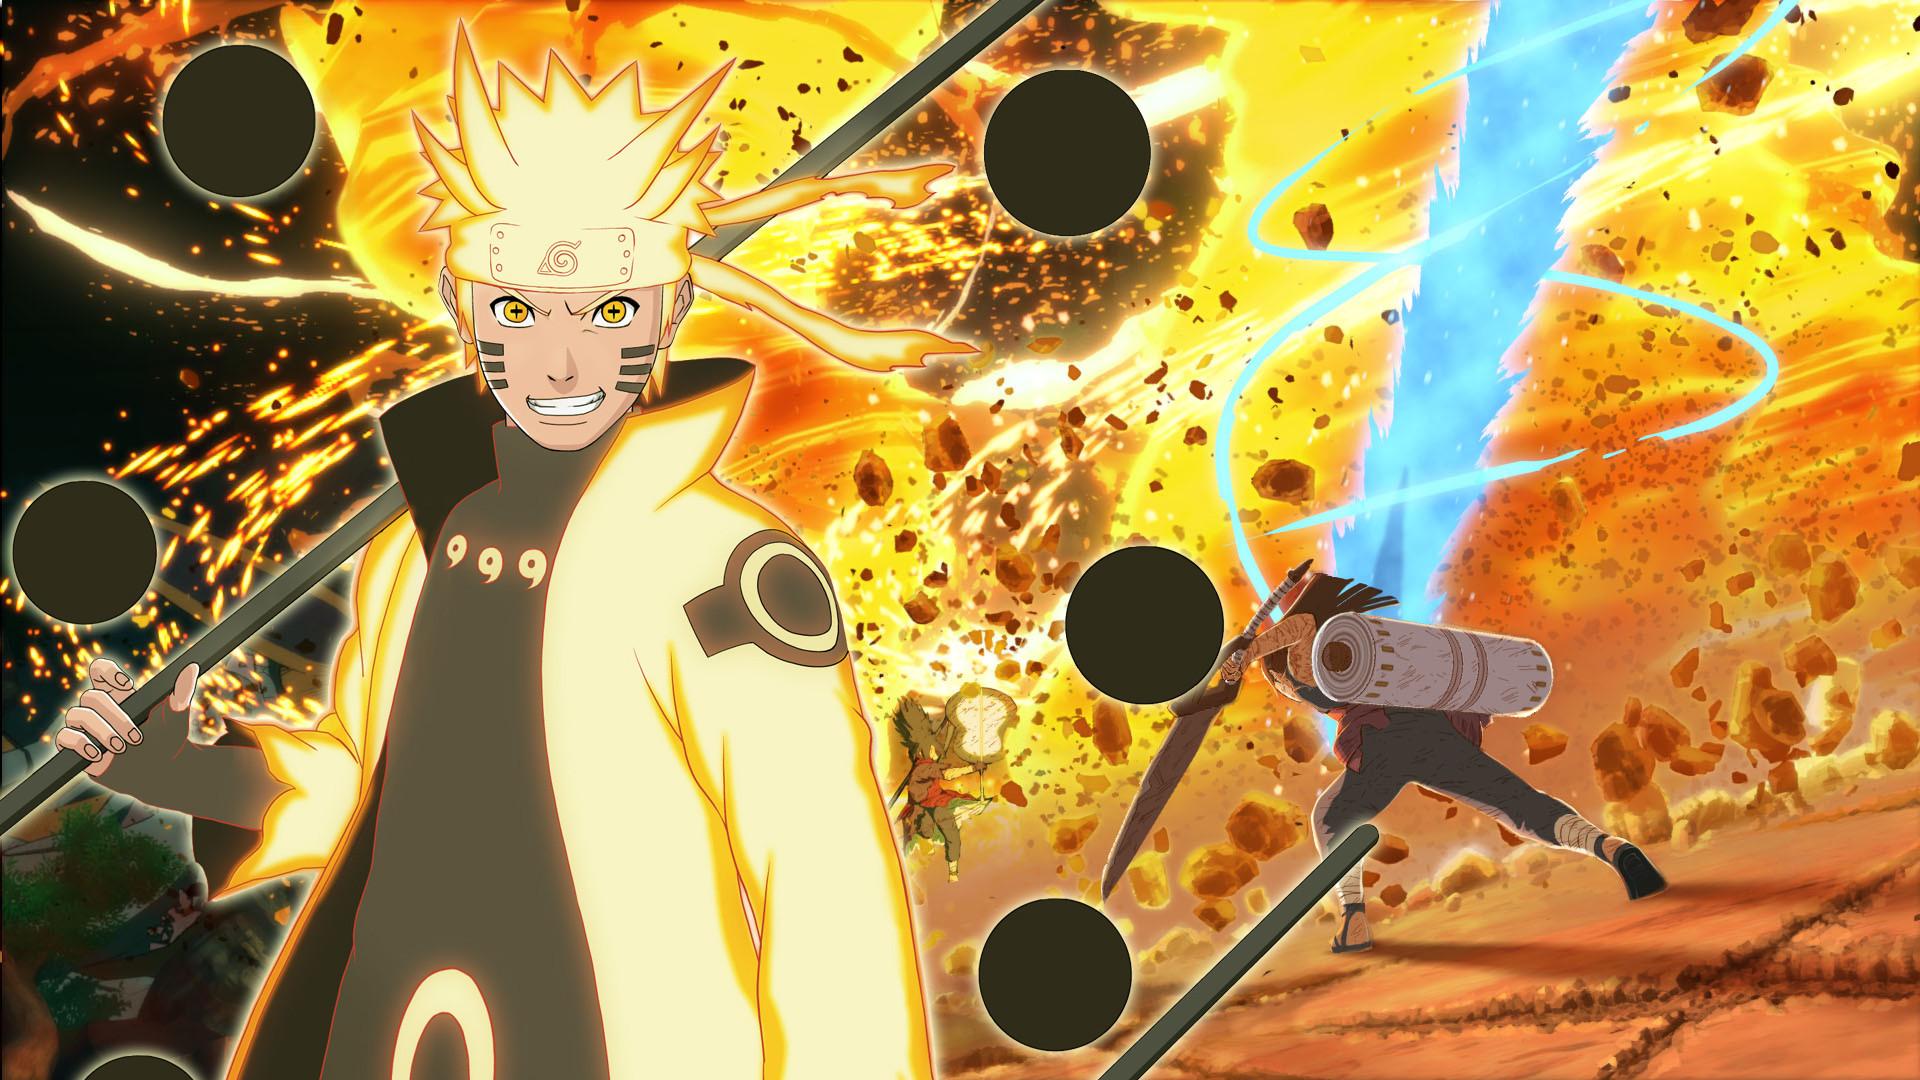 Naruto Wallpaper HD (79+ Images